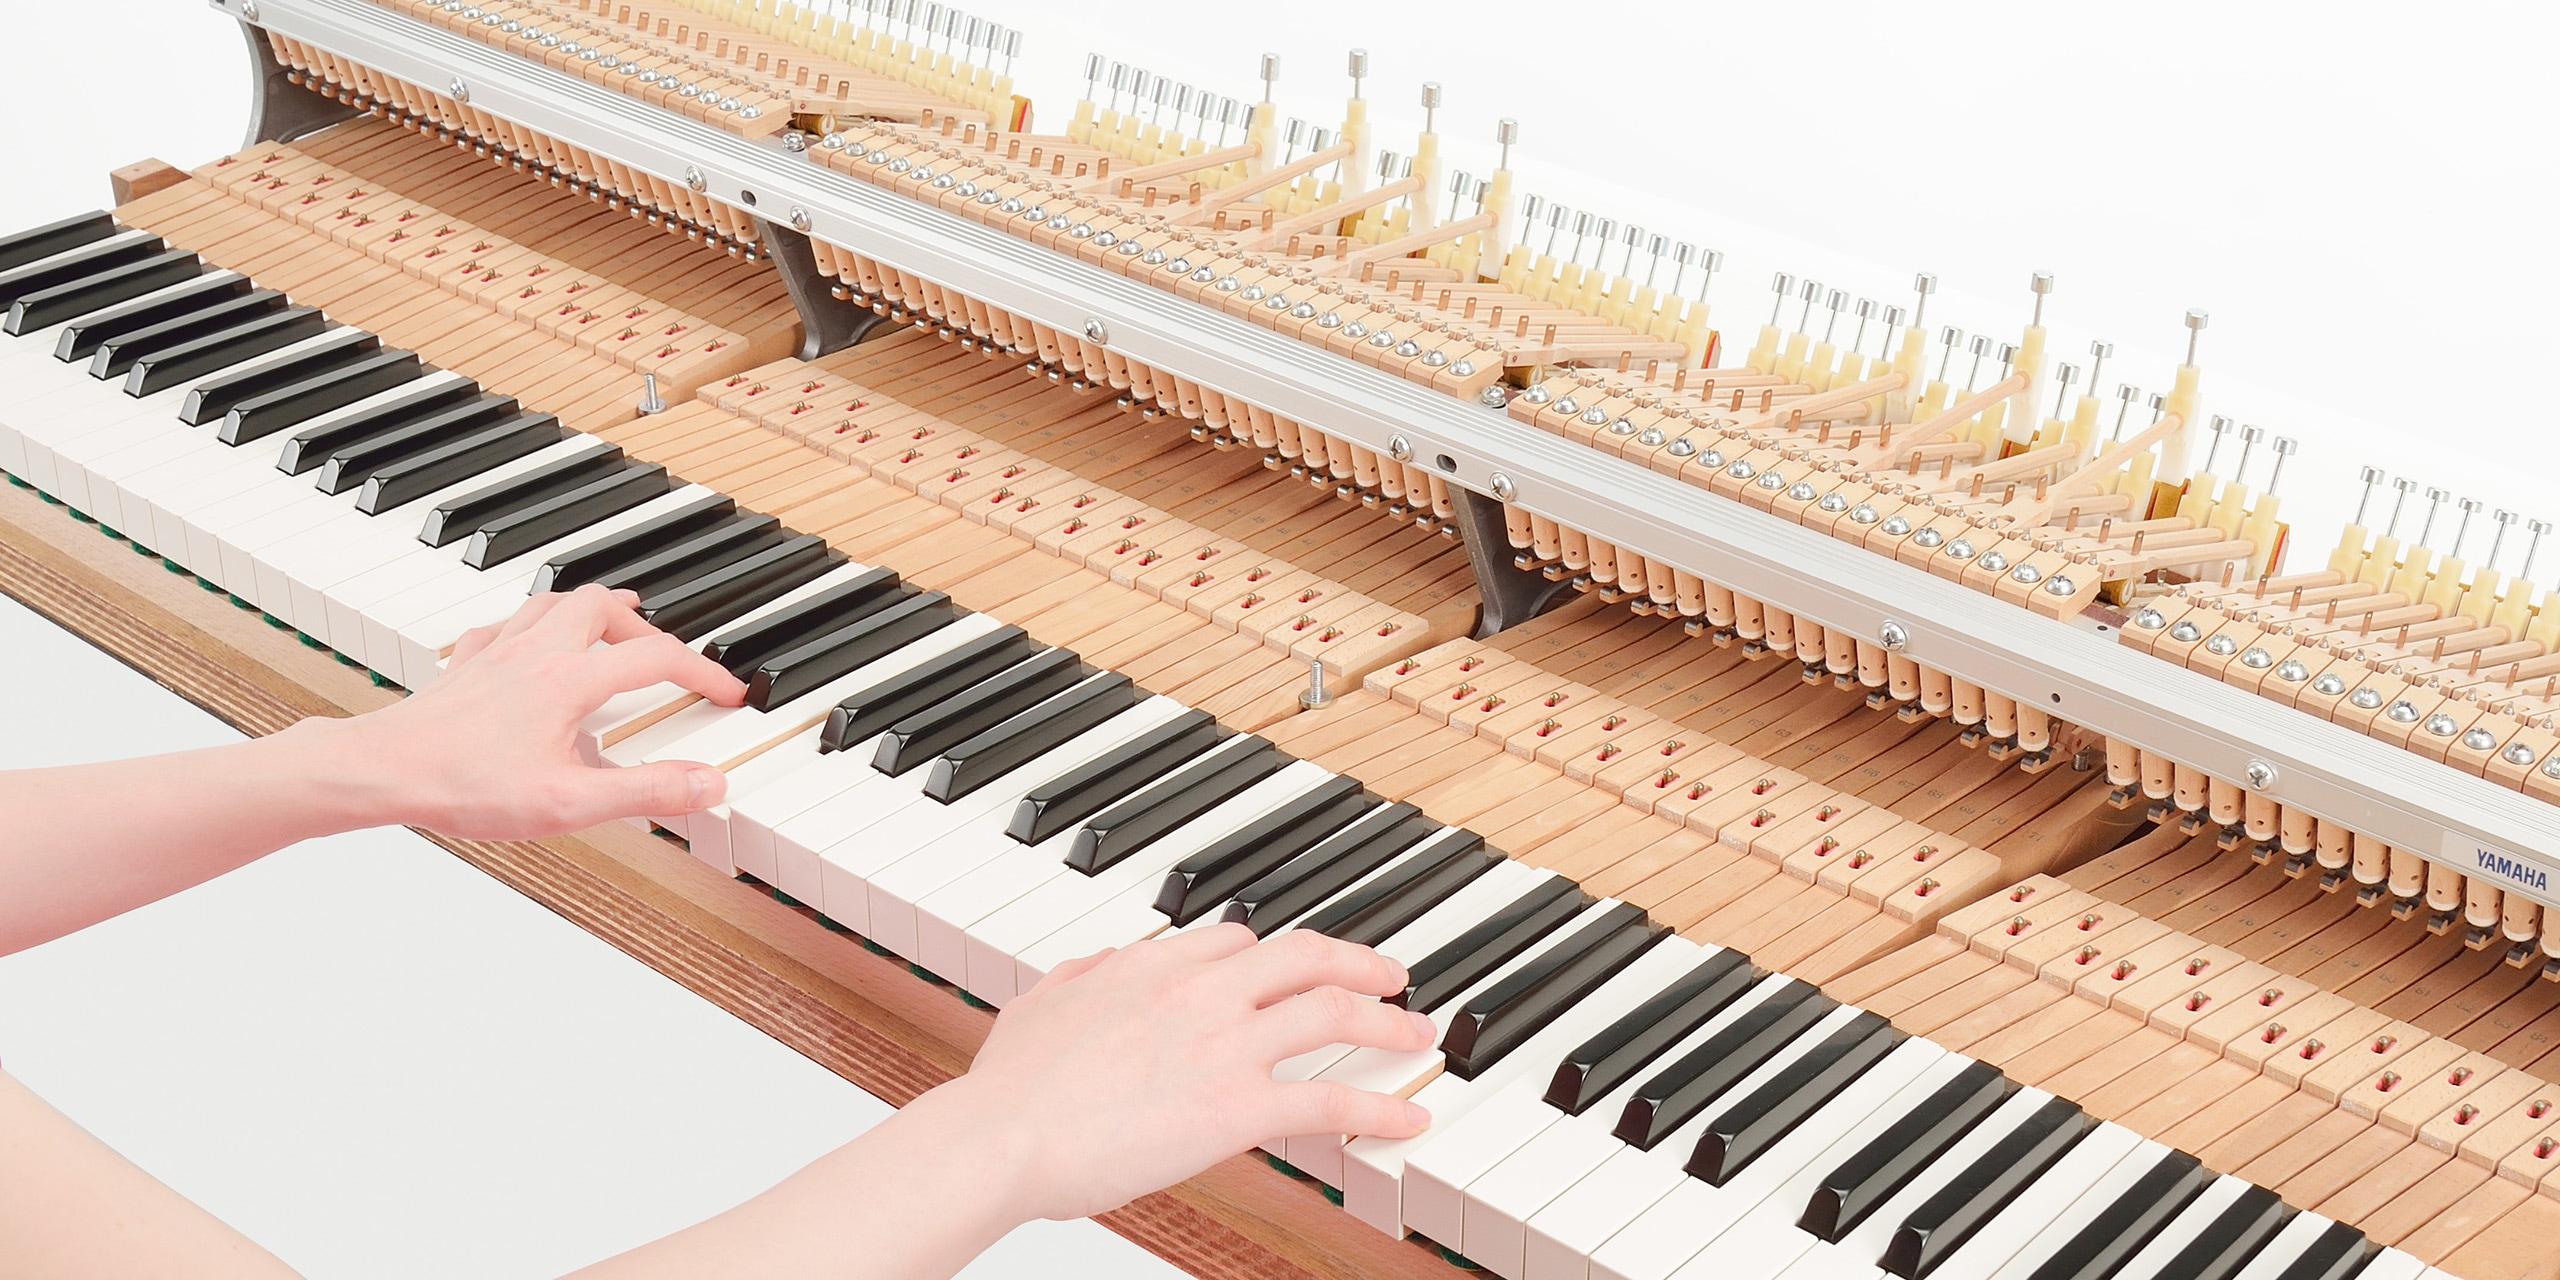 Foto Ein Hybrid-Piano, das sich nicht mit Annährungsversuchen zufrieden gibt. AvantGrand nutzt eine echte Flügelmechanik.